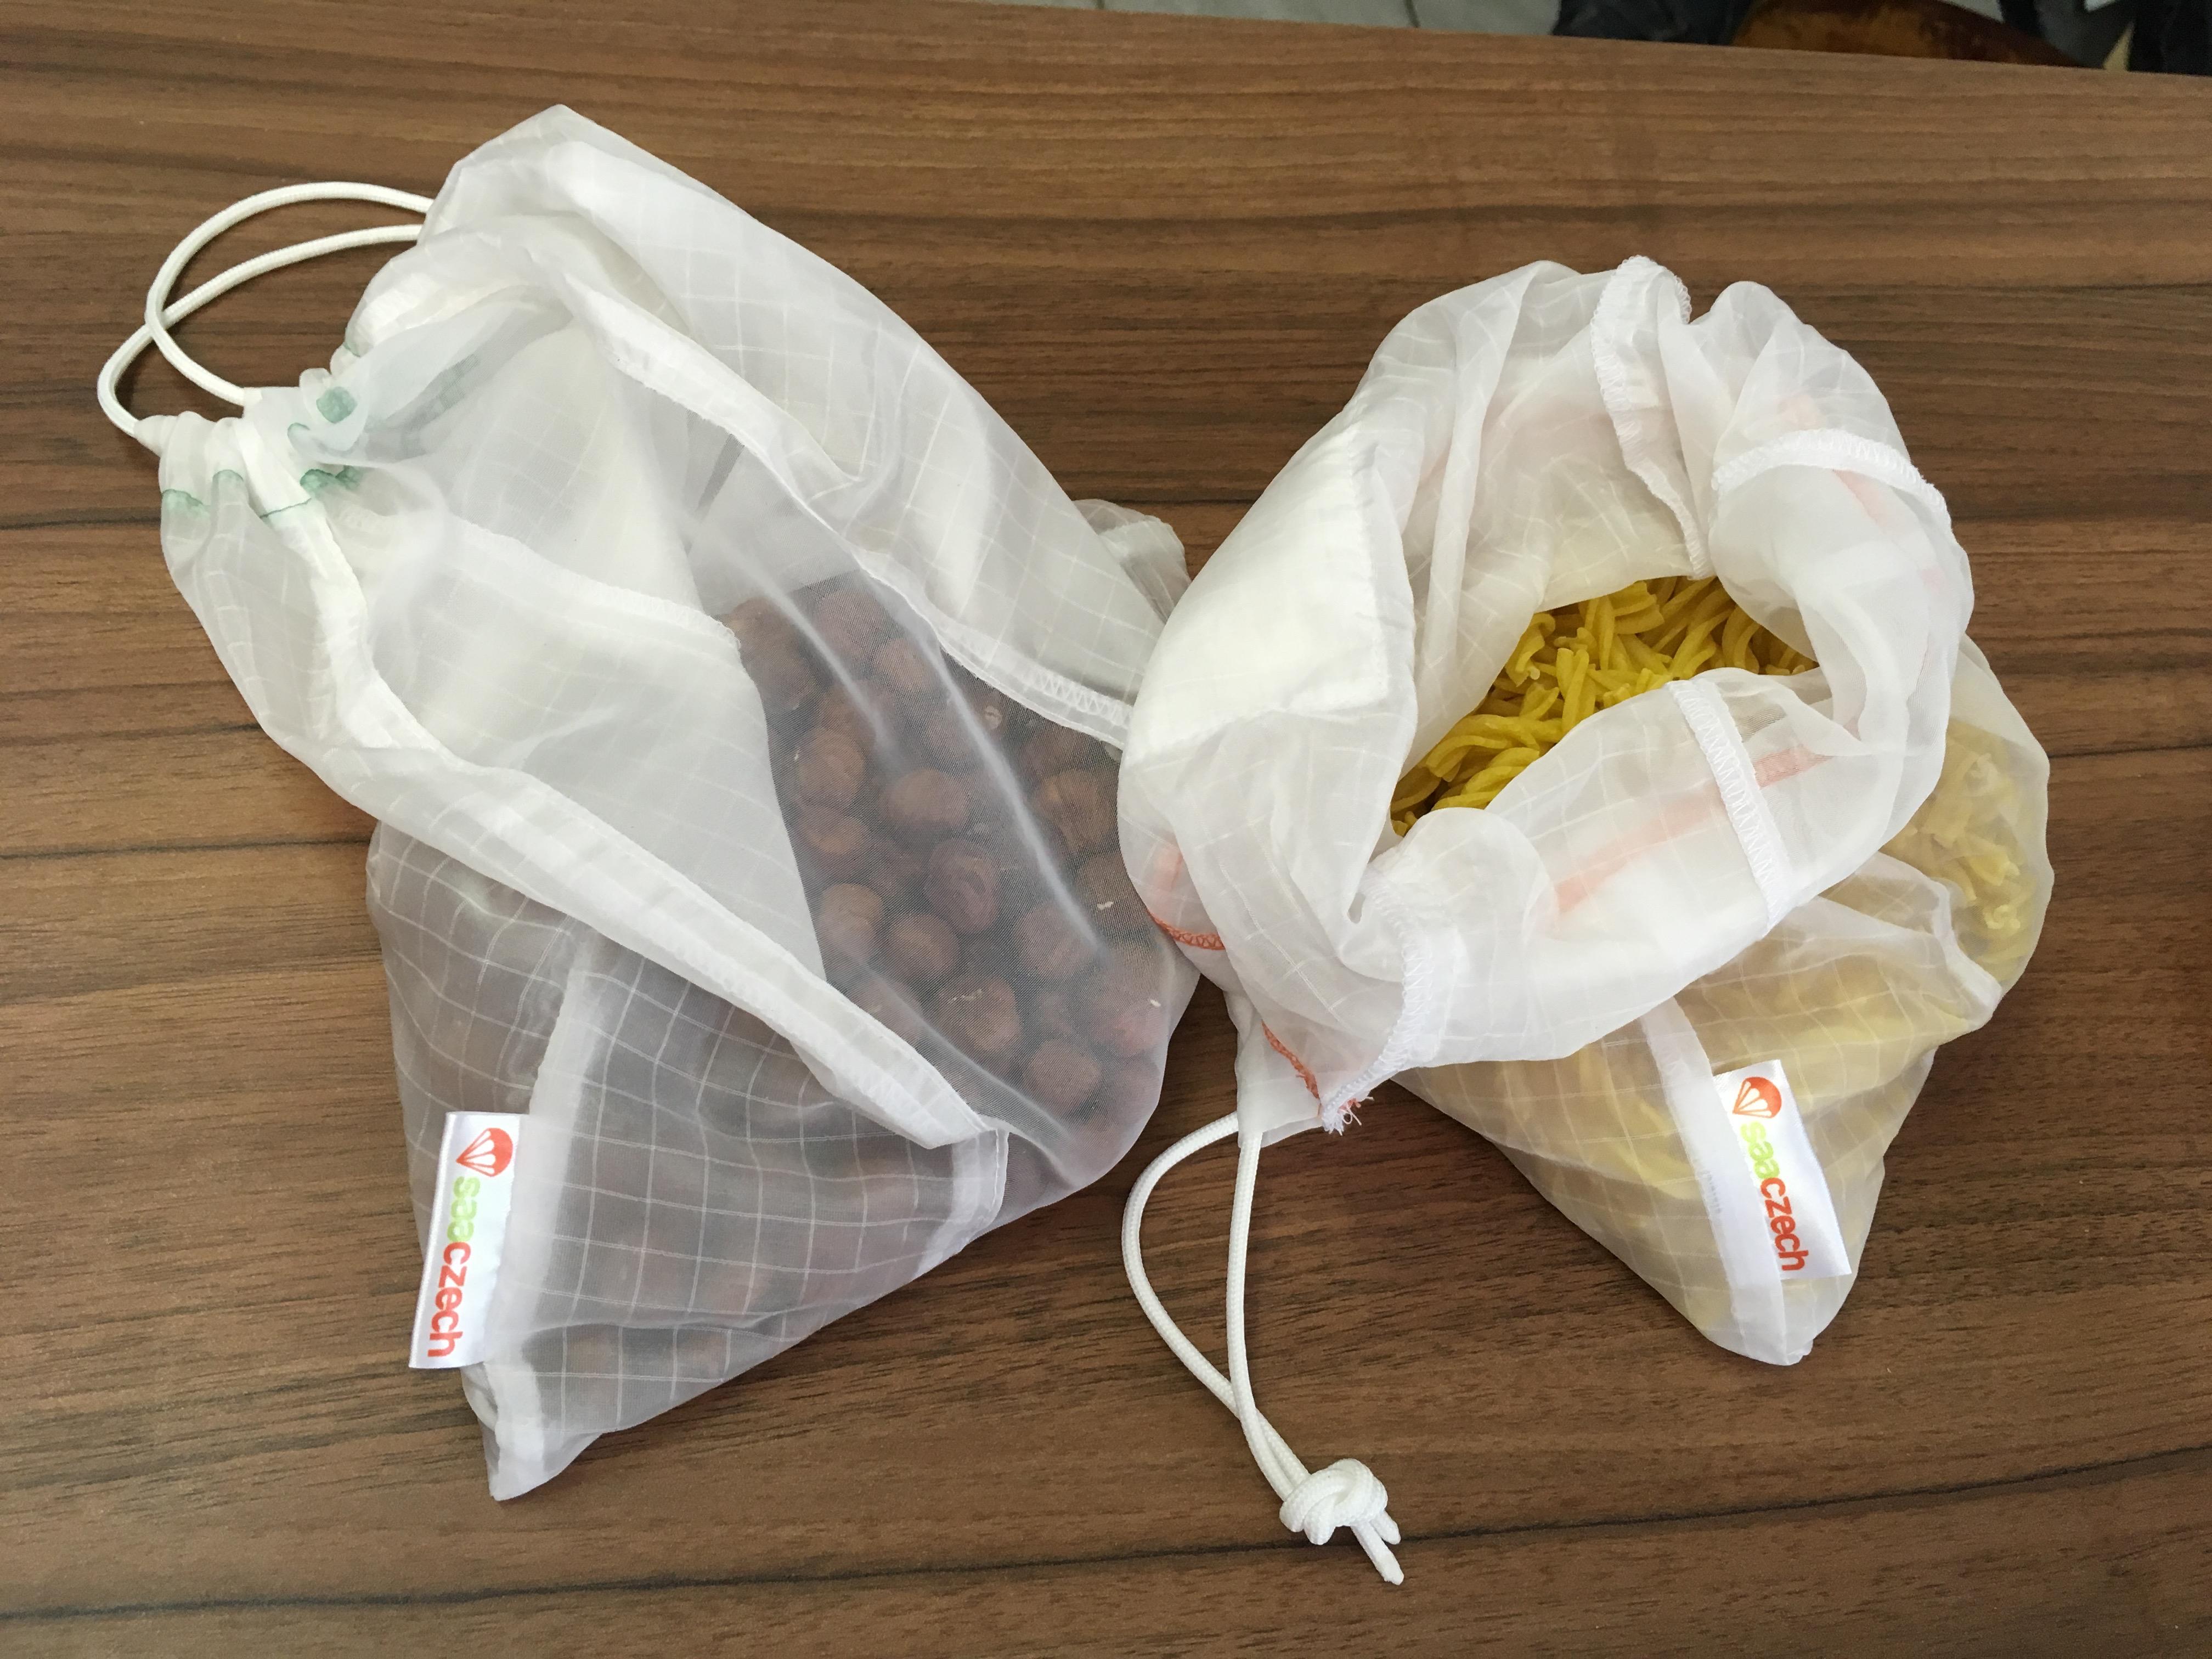 Dvojice Čechů vyrábí ekologické sáčky na ovoce z padákoviny